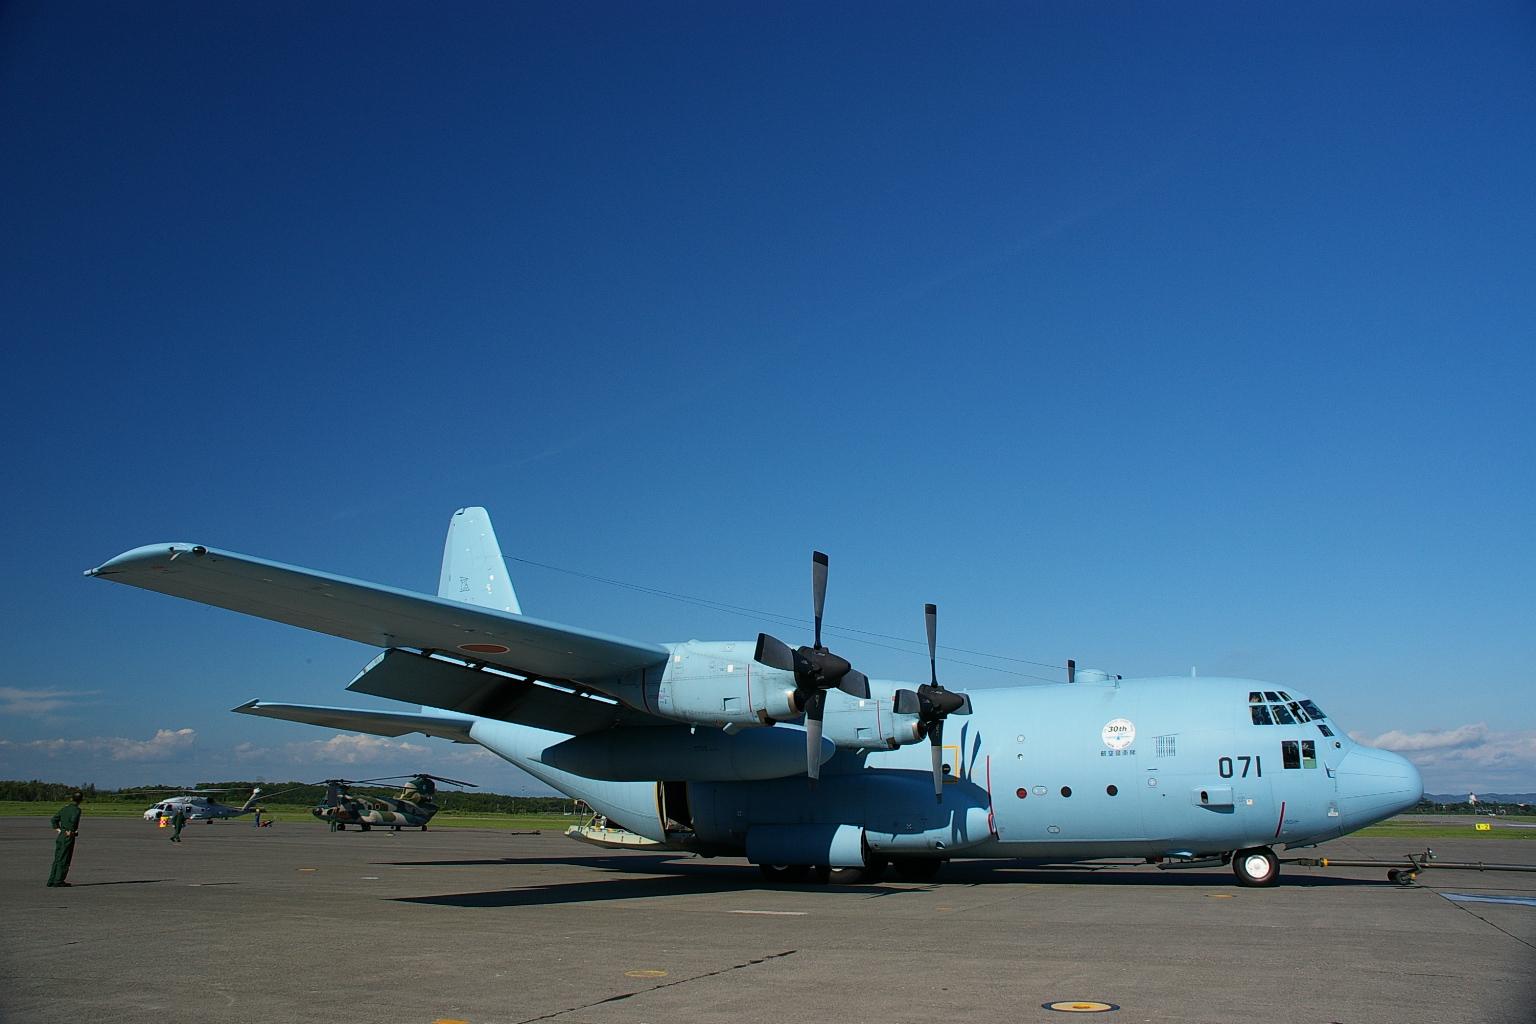 洋ロリ リ(i.imgur.com)  翼の設計を改め、電子機器を一新した。エンジンをアリソン T56-A-15に換装。当初は輸出向けとして1964年頃から採用され始め、1975年からアメリカ空軍への配備が始まっ ...